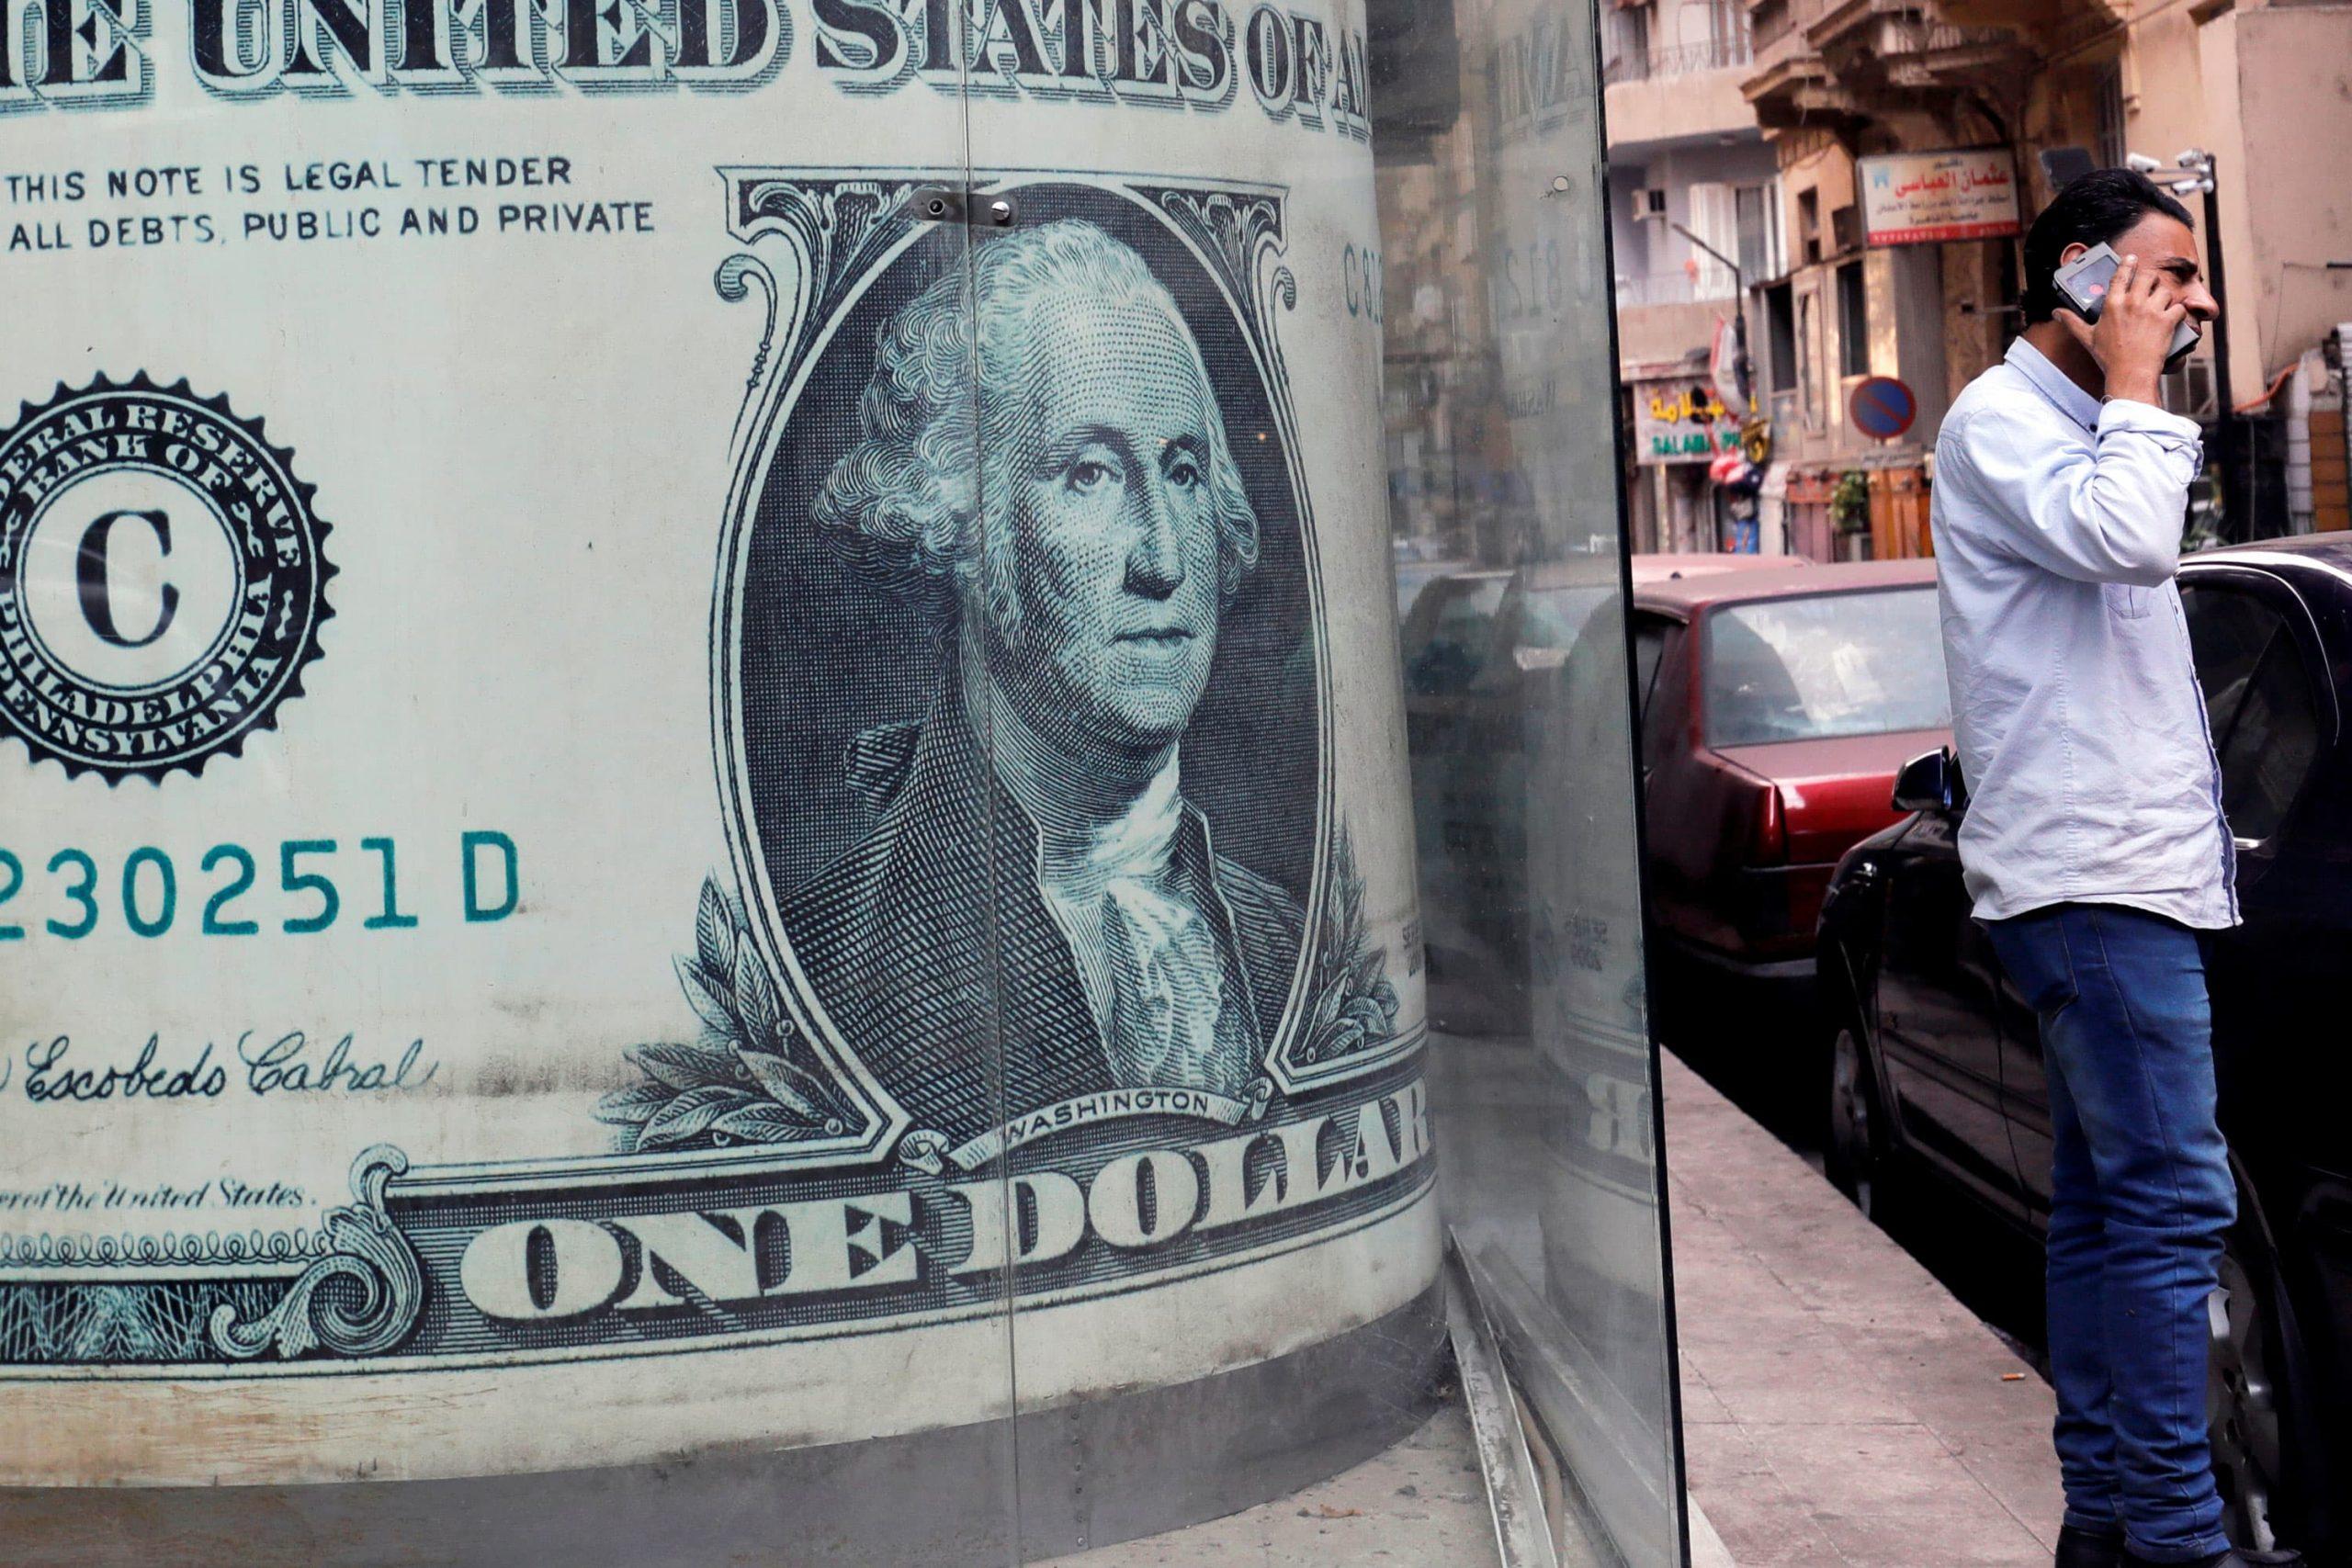 سعر الدولار اليوم في مصر بجميع البنوك وتوقعات الخبراء لأسعار العملة الأمريكية